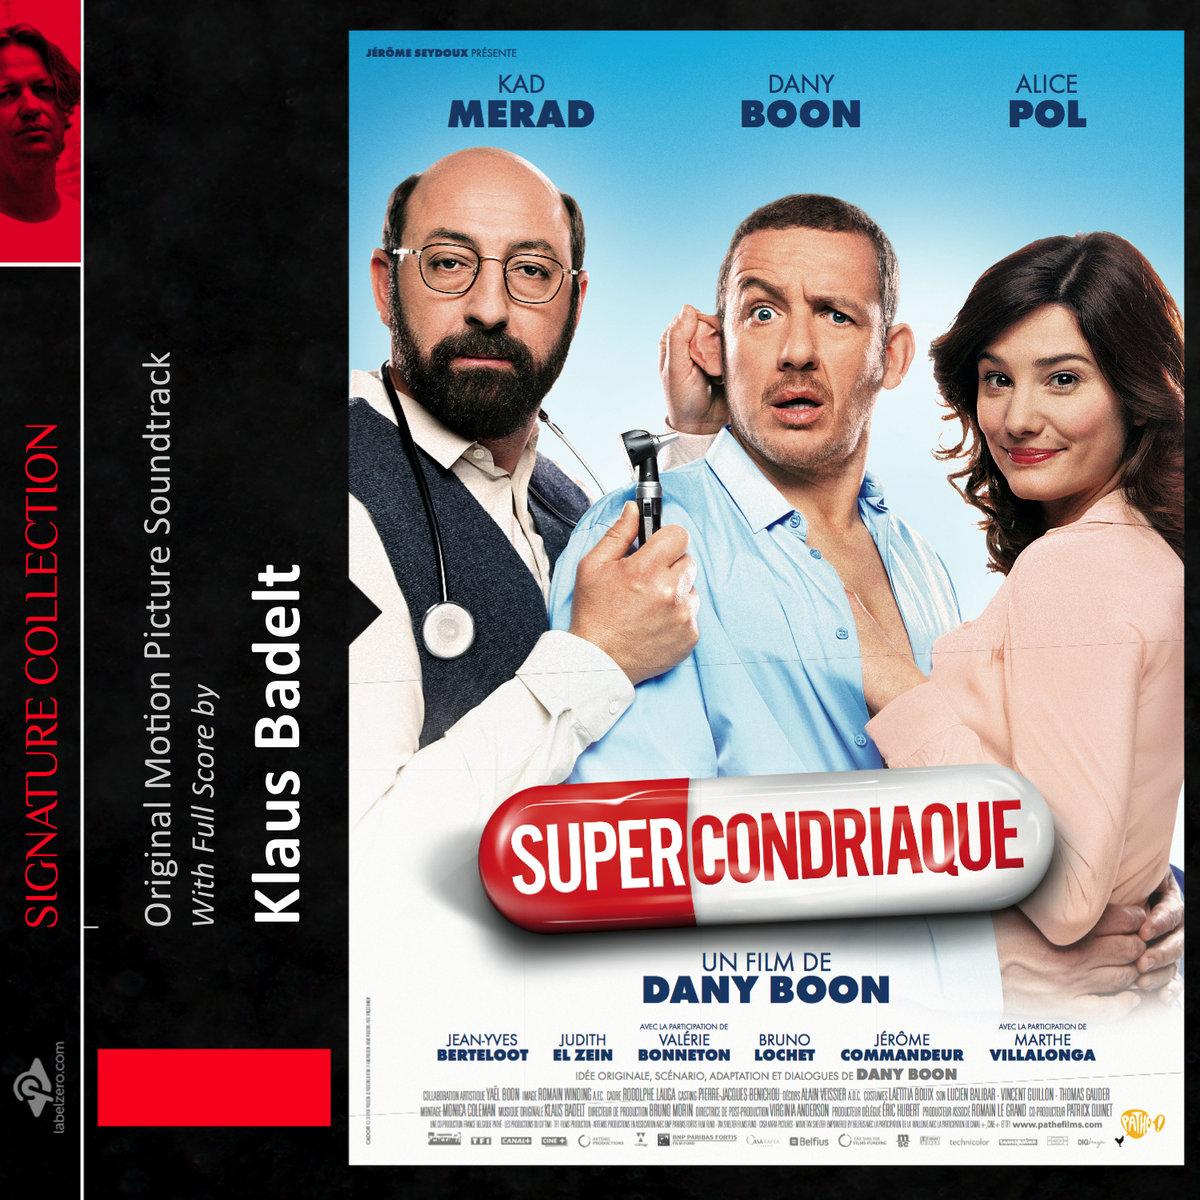 film supercondriaque dvdrip uptobox